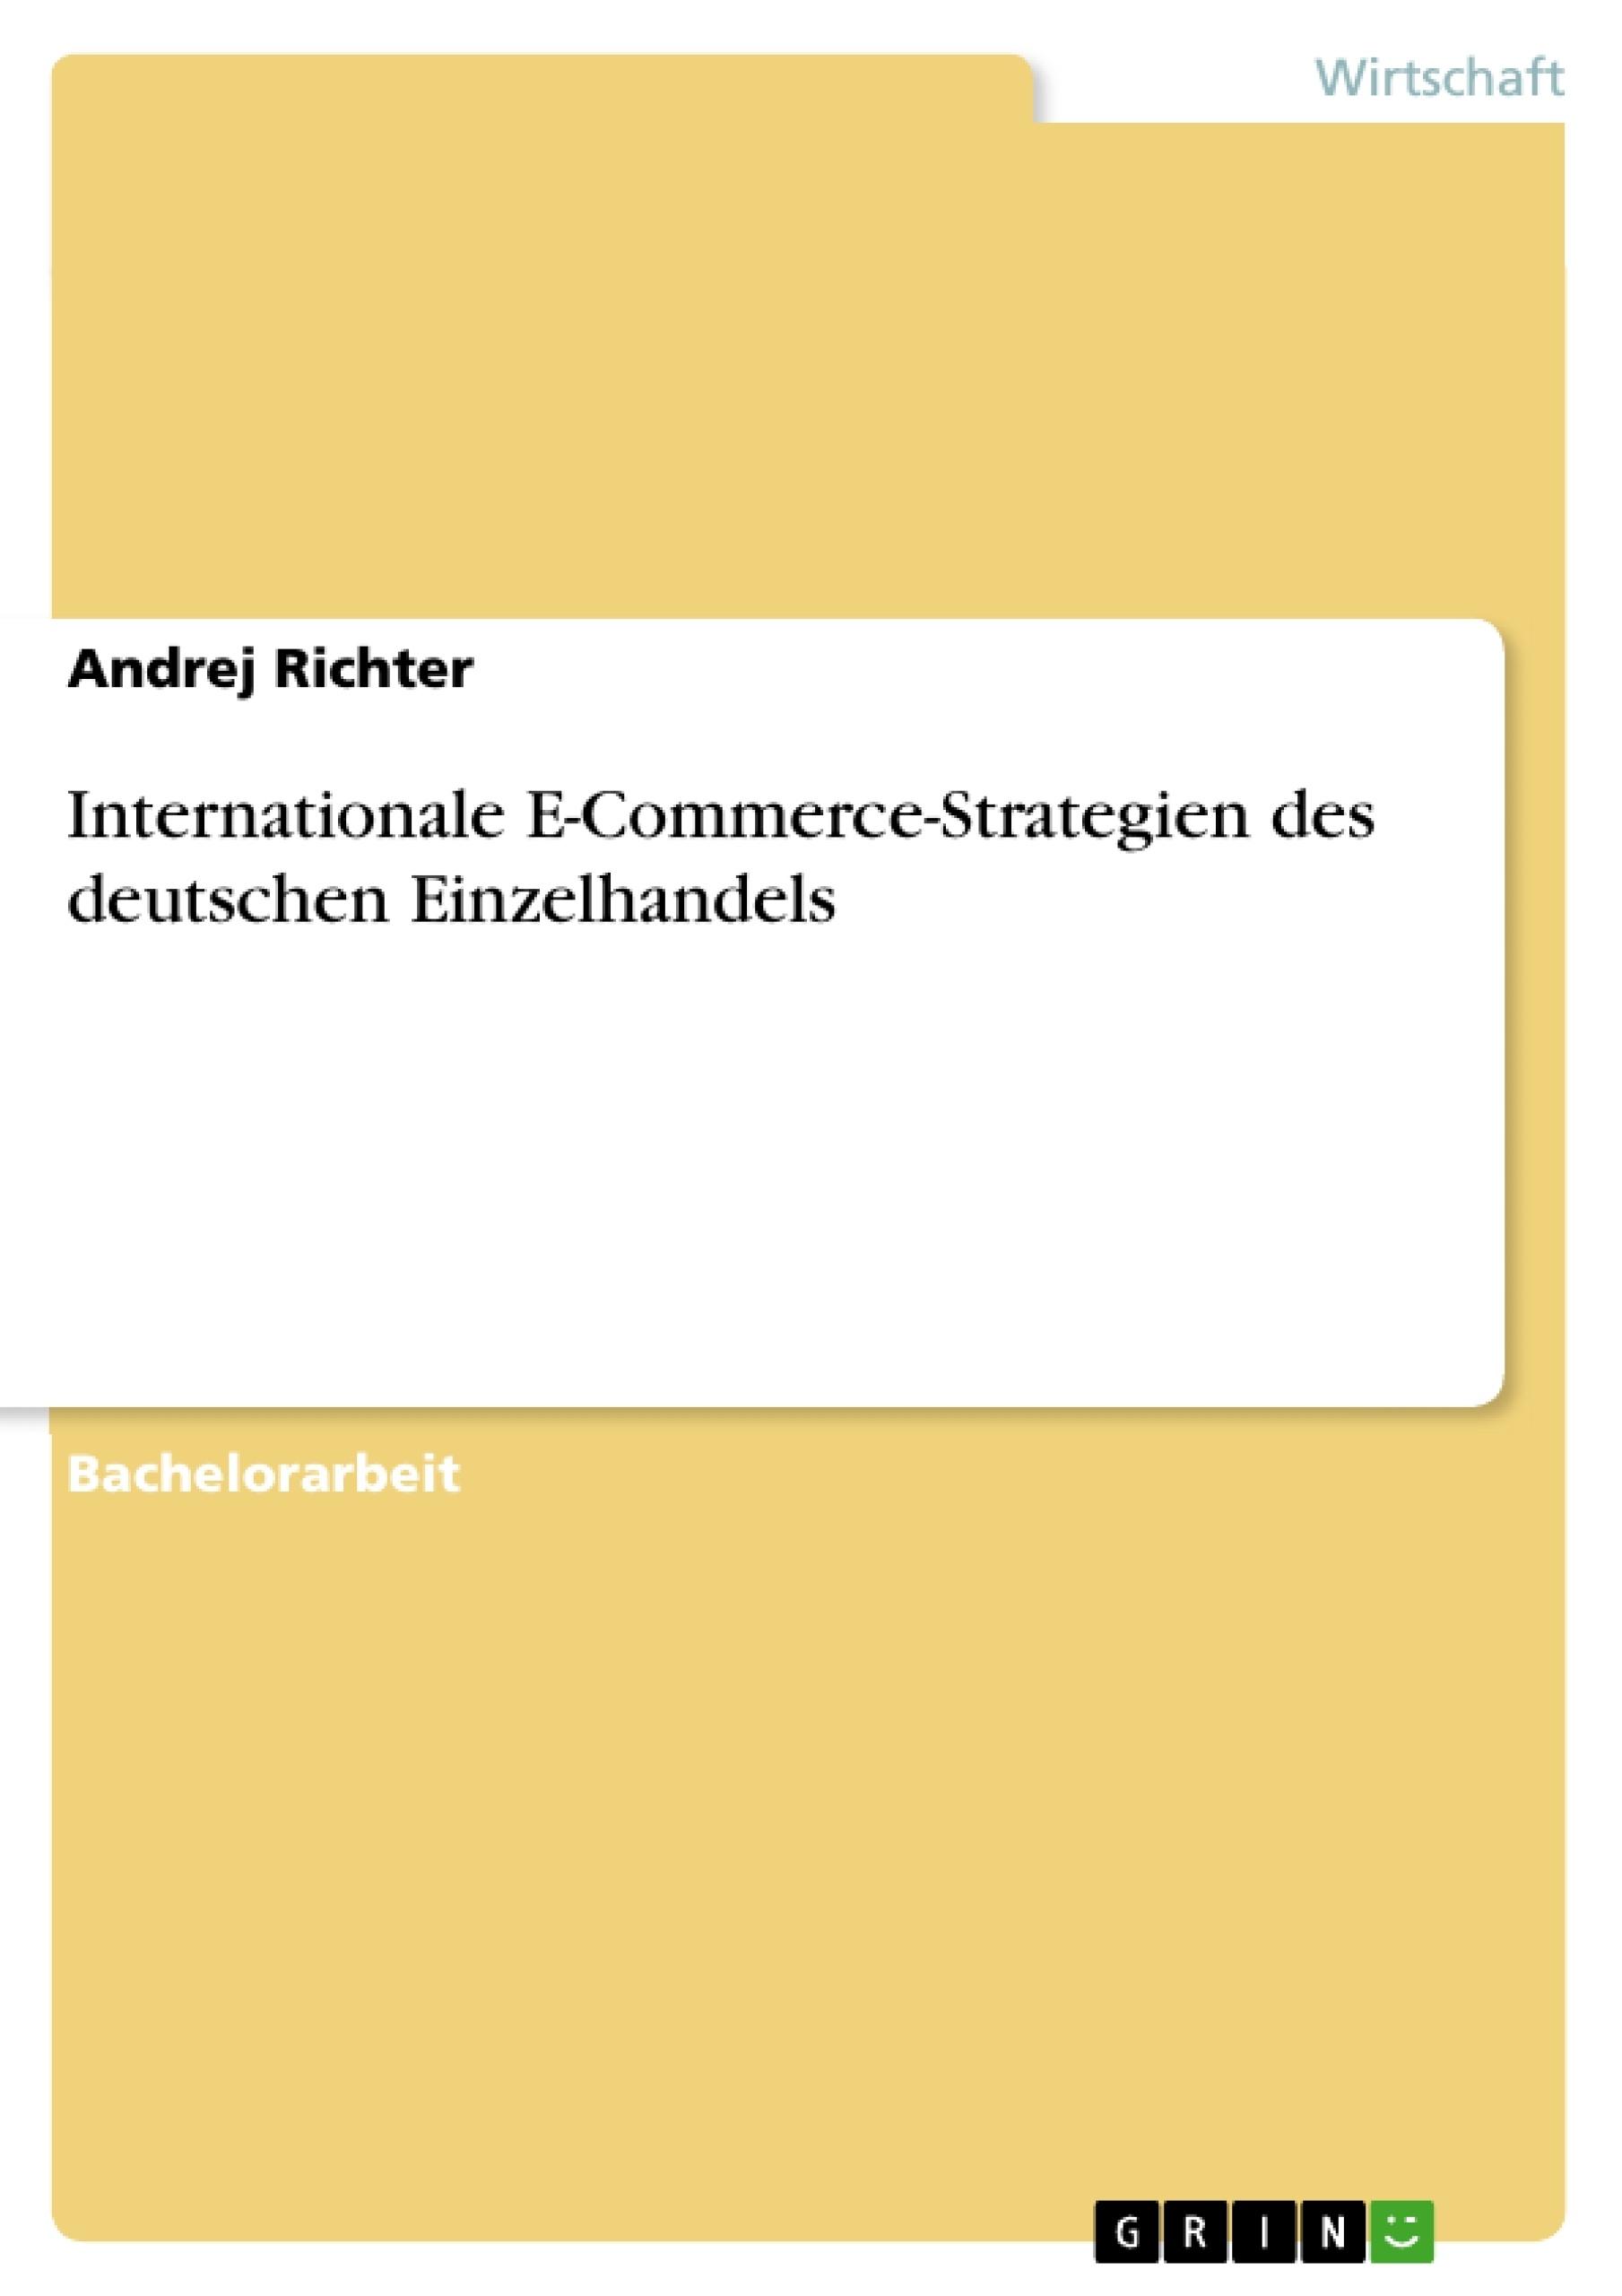 Titel: Internationale E-Commerce-Strategien des deutschen Einzelhandels